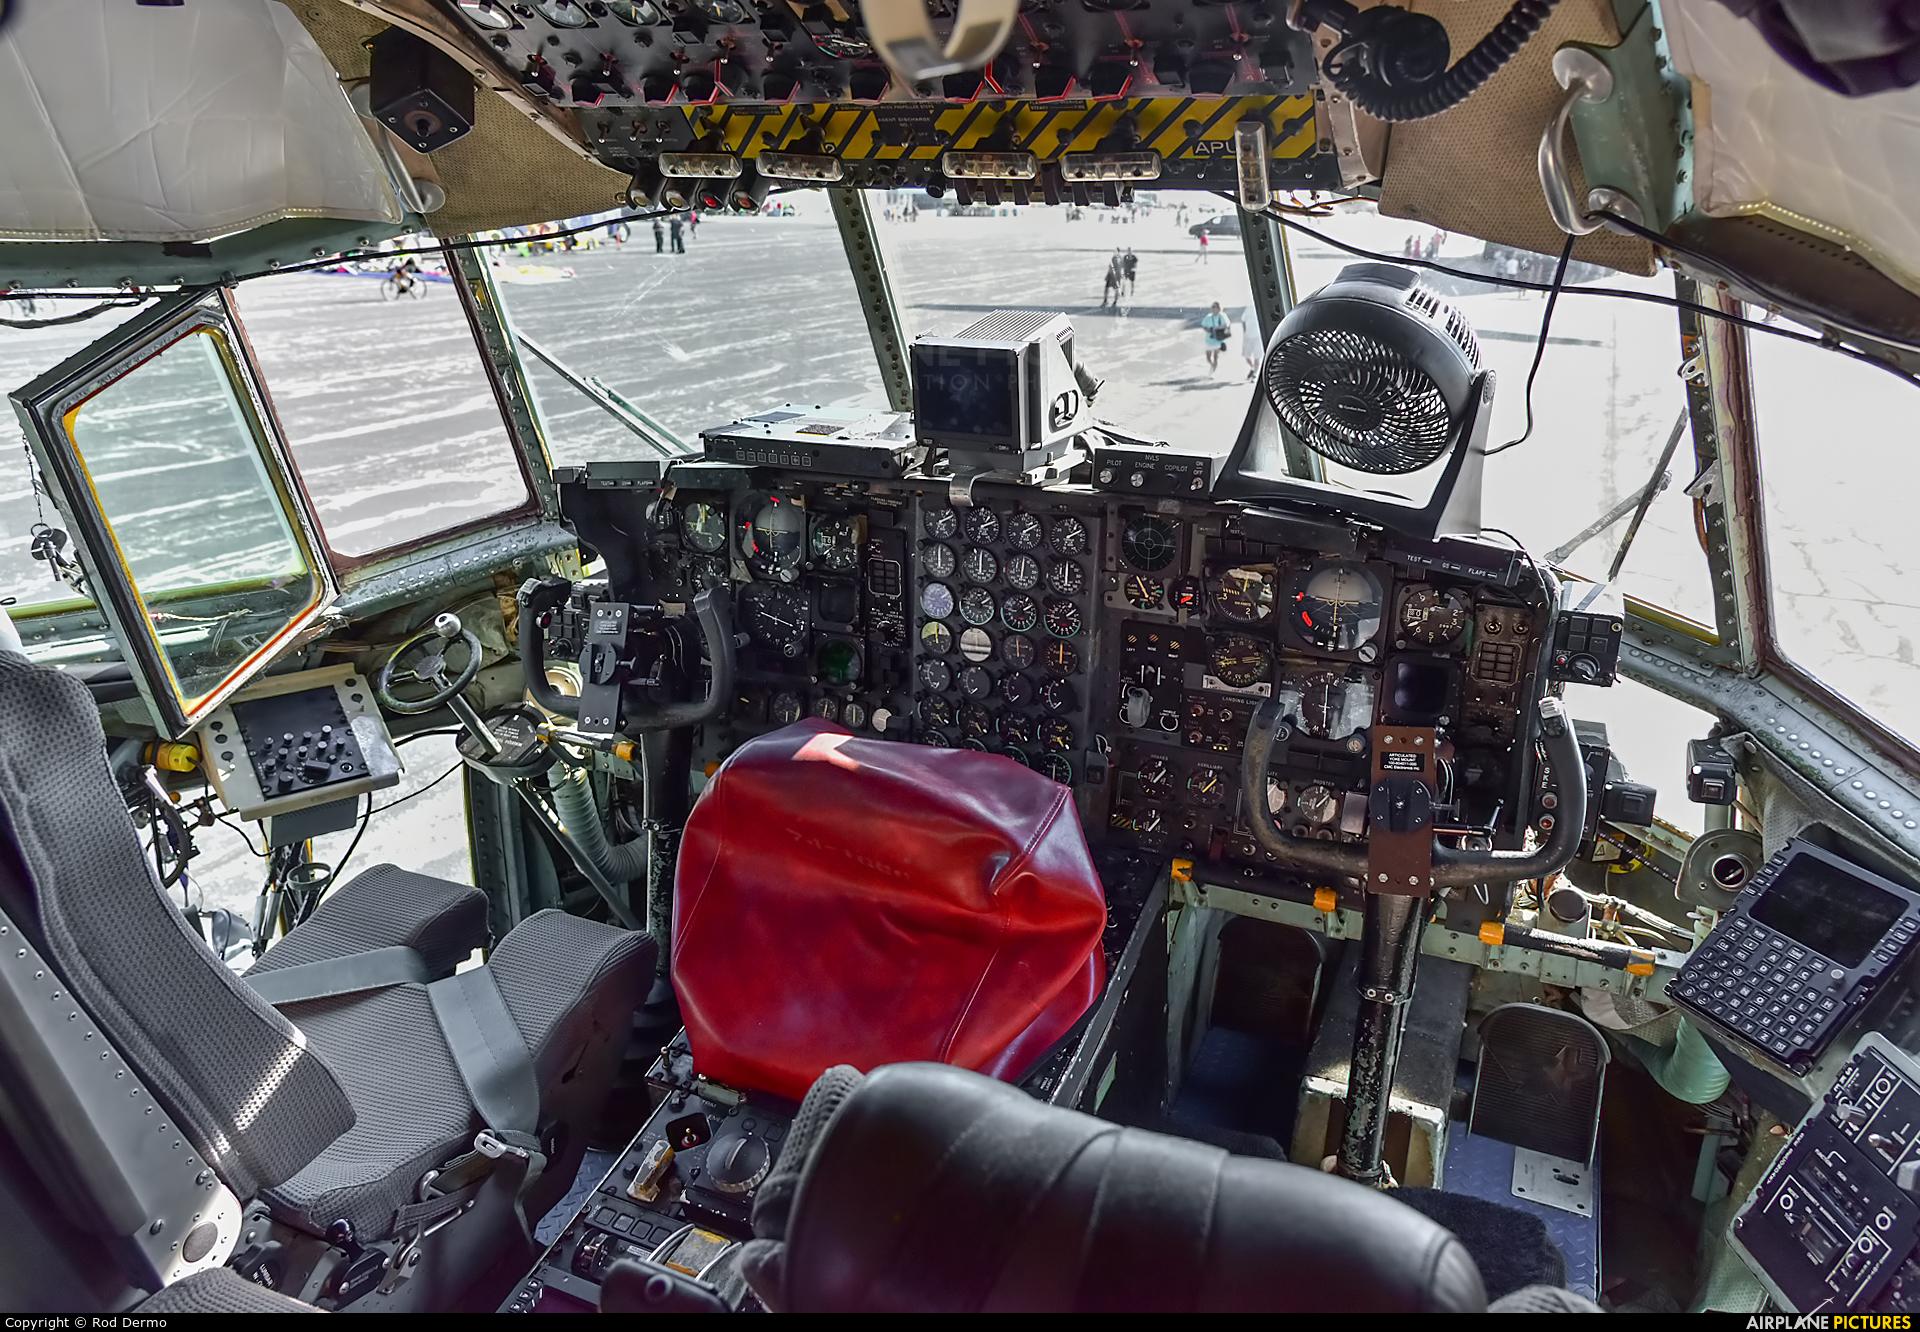 USA - Air Force 74-1666 aircraft at Toledo-Express